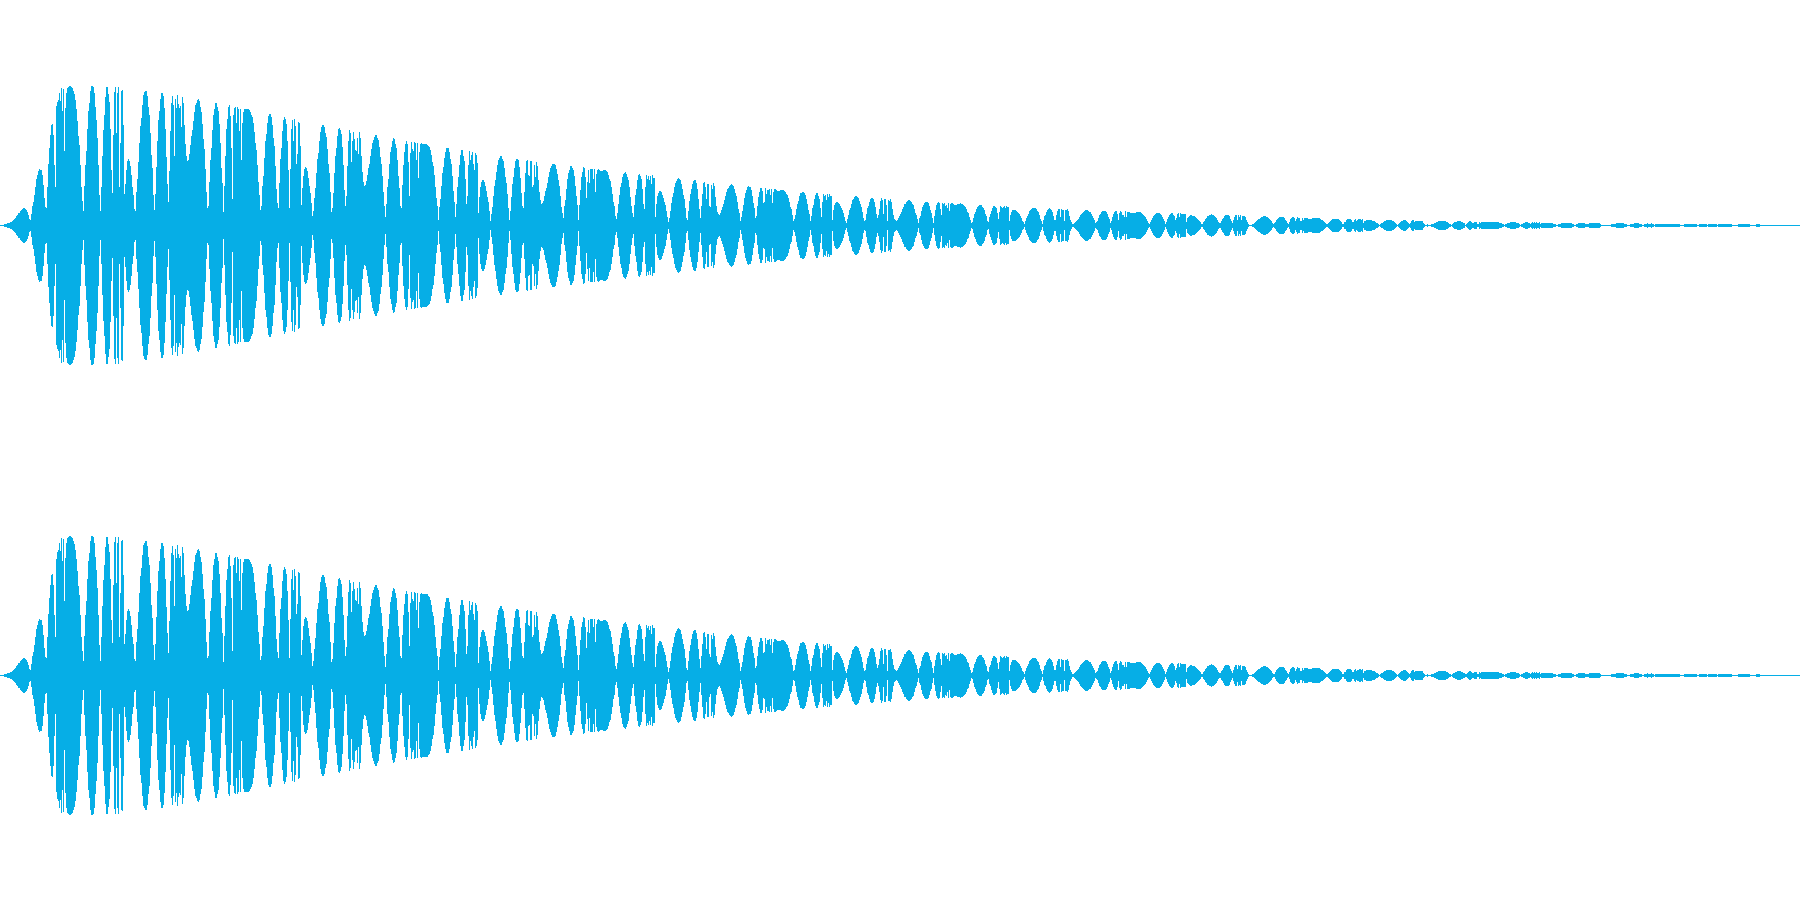 特撮にありそうな電子音の再生済みの波形